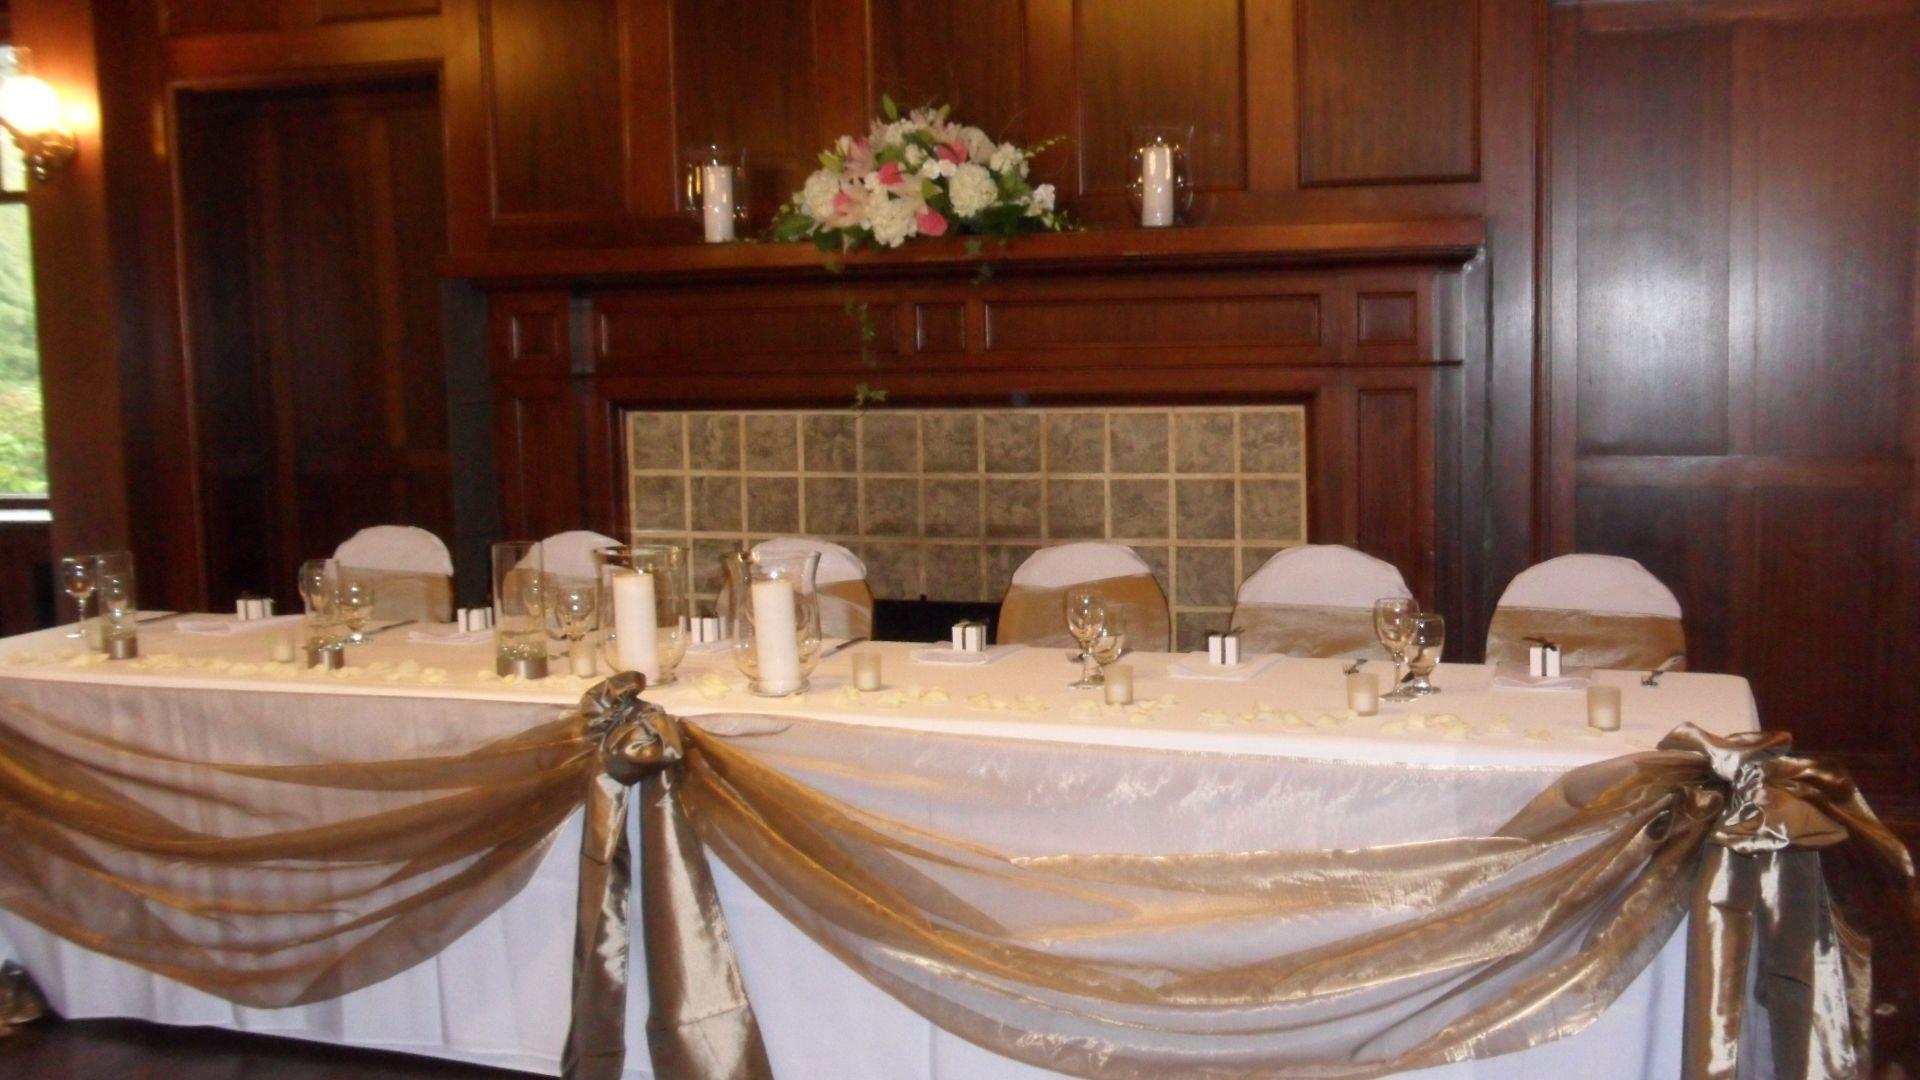 Head Table Décor ~ Swaged | Wedding decor elegant, Head table ...